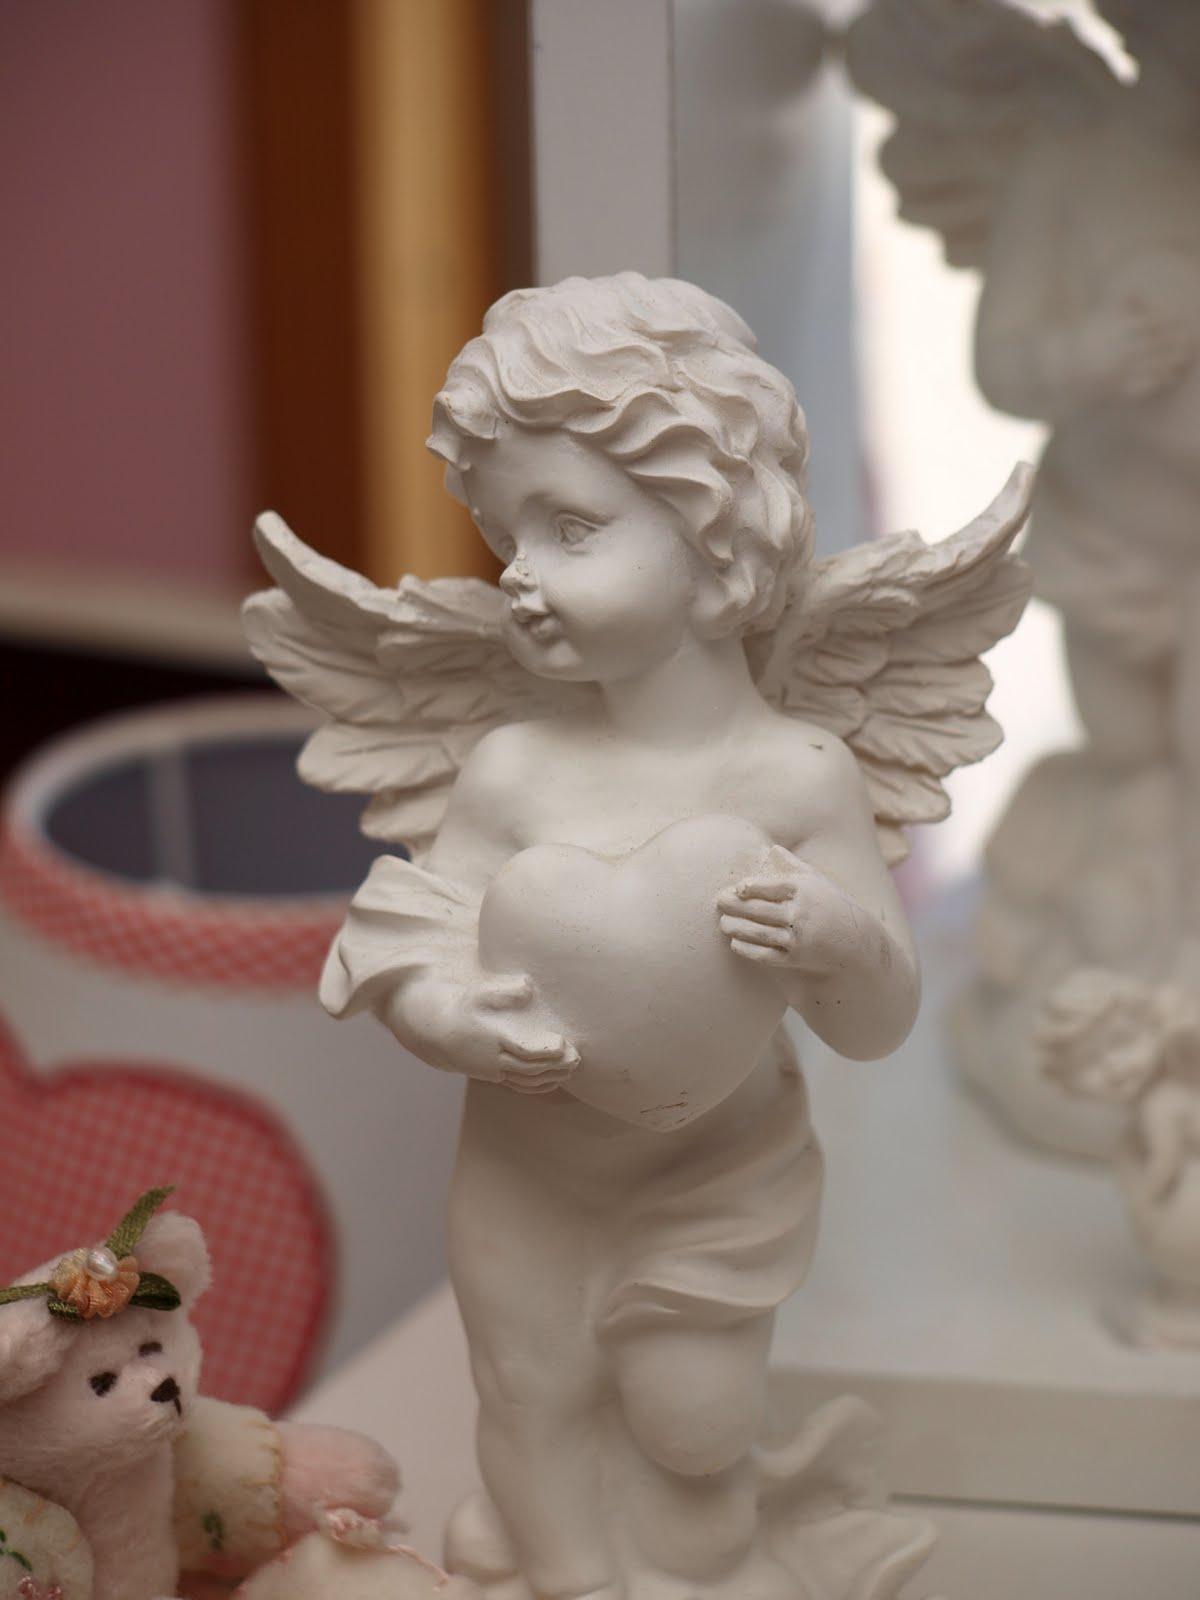 enkelin viesti sinulle Outokumpu